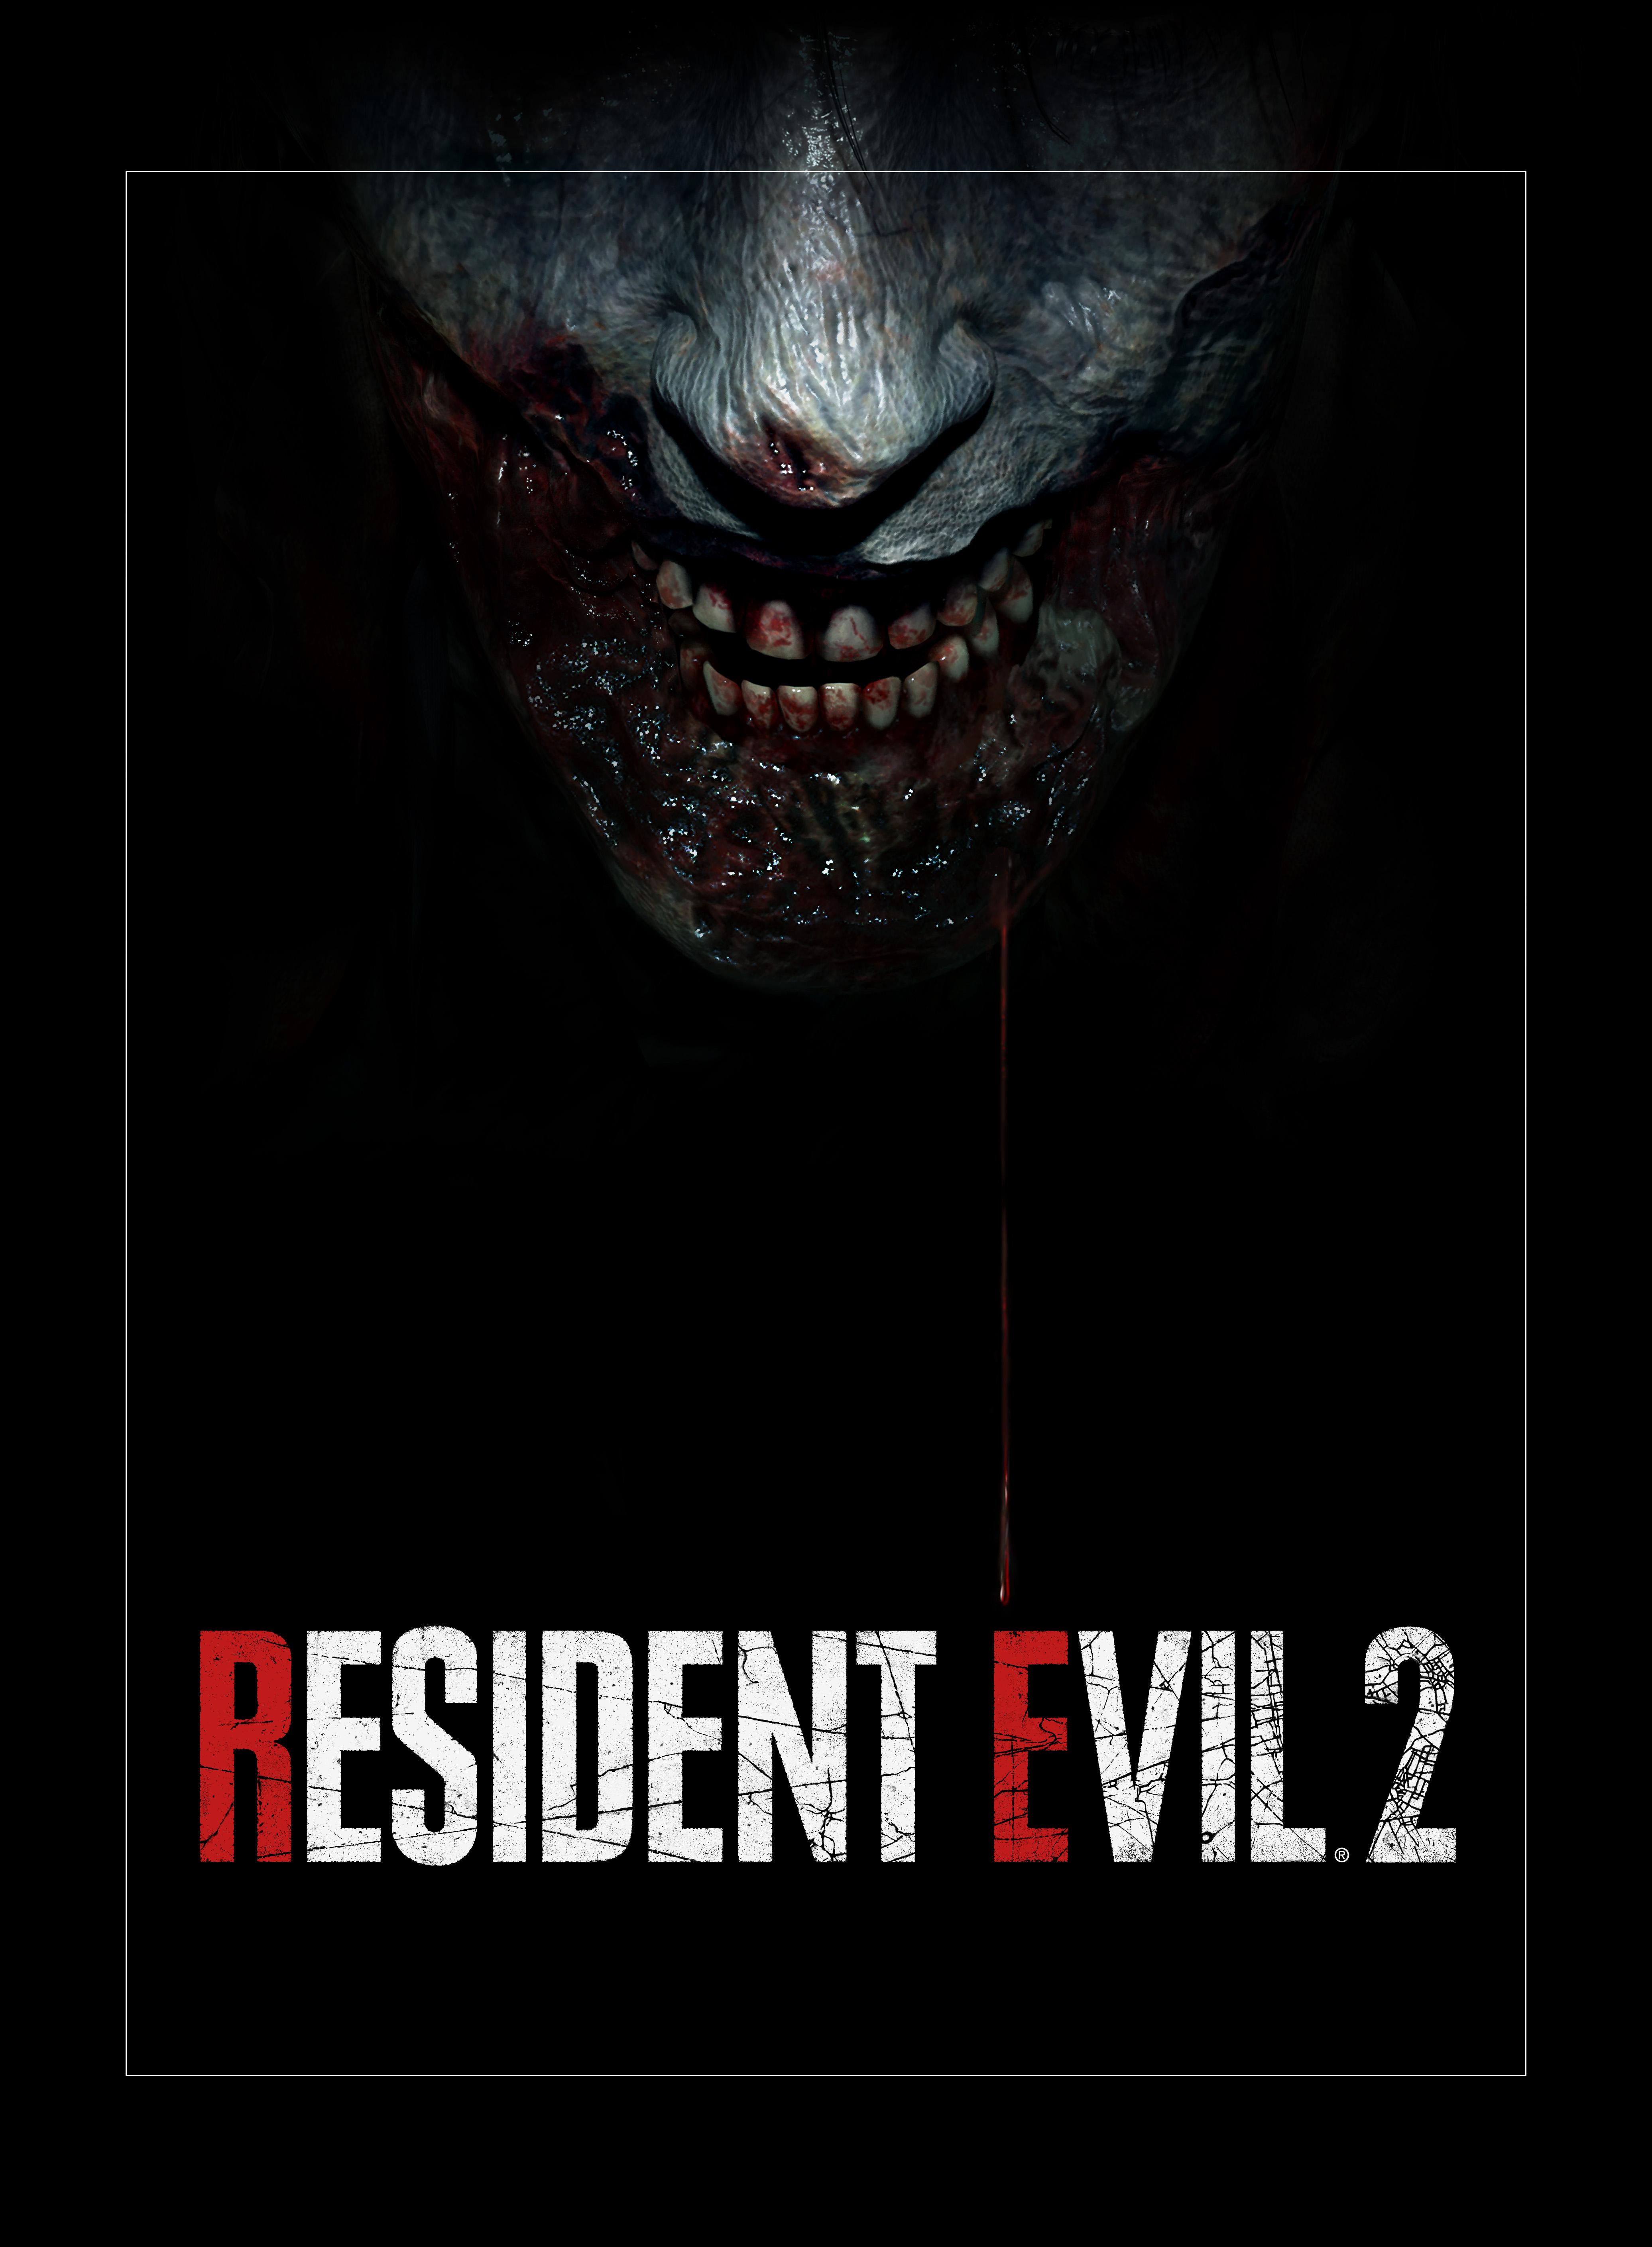 Resident Evil 2 Remake Mit 3 Millionen Verkauften Einheiten In Drei